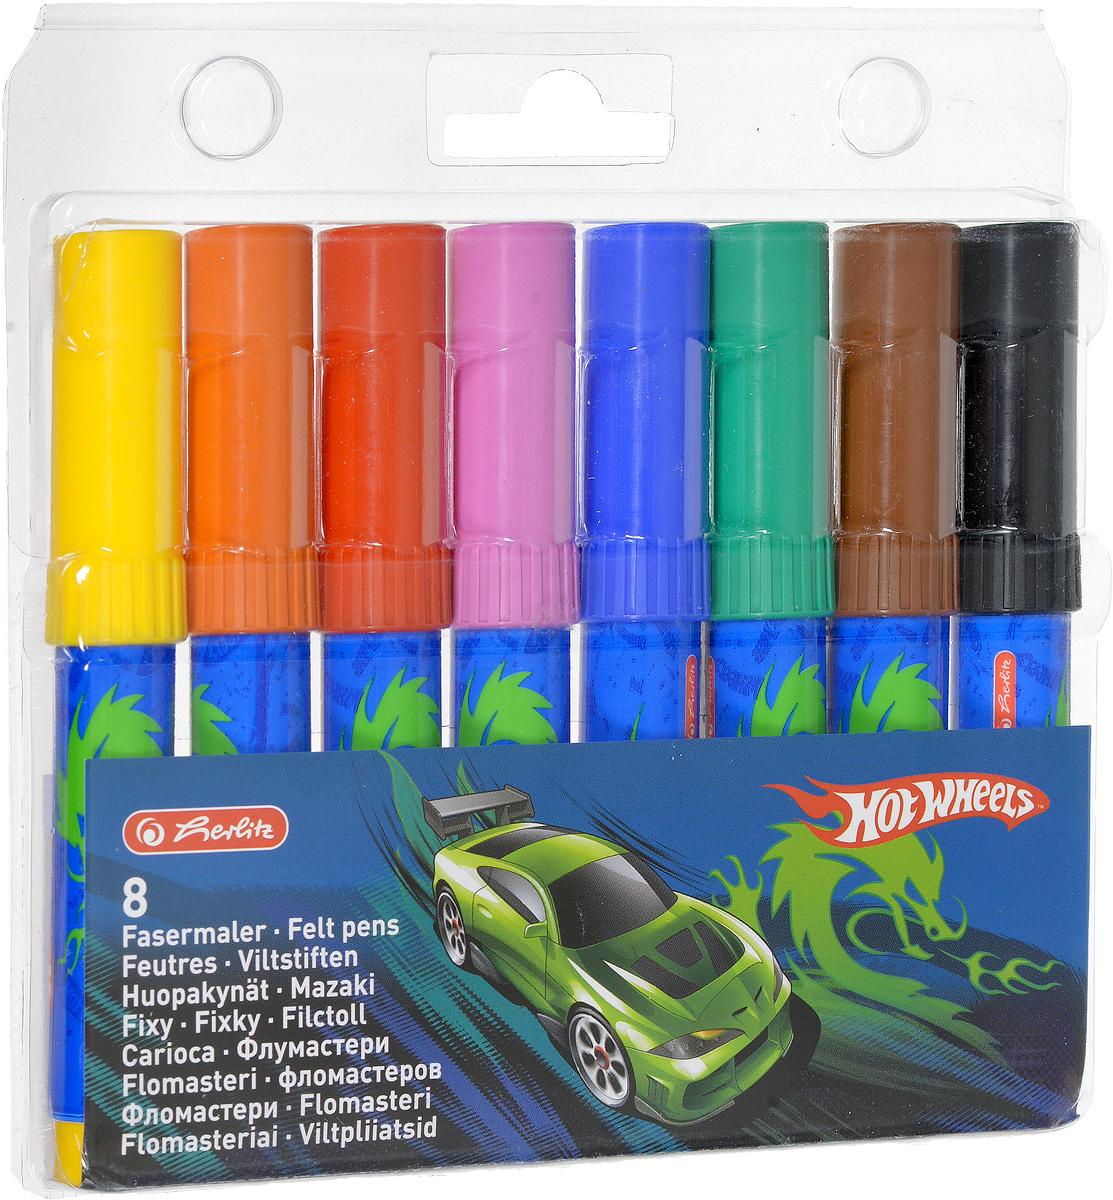 Herlitz Набор фломастеров Hot Wheels 8 цветов10795664Набор фломастеров Herlitz  Hot Wheels- это 8 фломастеров ярких насыщенных цветов.Фломастеры оснащены вентилируемым колпачком, а корпус изготовлен из прочного пластика. Фломастеры устойчивы к вдавливанию и имеют цилиндрический пишущий узел.Когда ваш юный художник будет рисовать, то можете не беспокоиться, чернила этих фломастеров совершенно безопасны для здоровья вашего малыша. Набор фломастеров от Herlitz обязательно порадует не только вашего малыша, но и вас.Рекомендуемый возраст от трех лет.